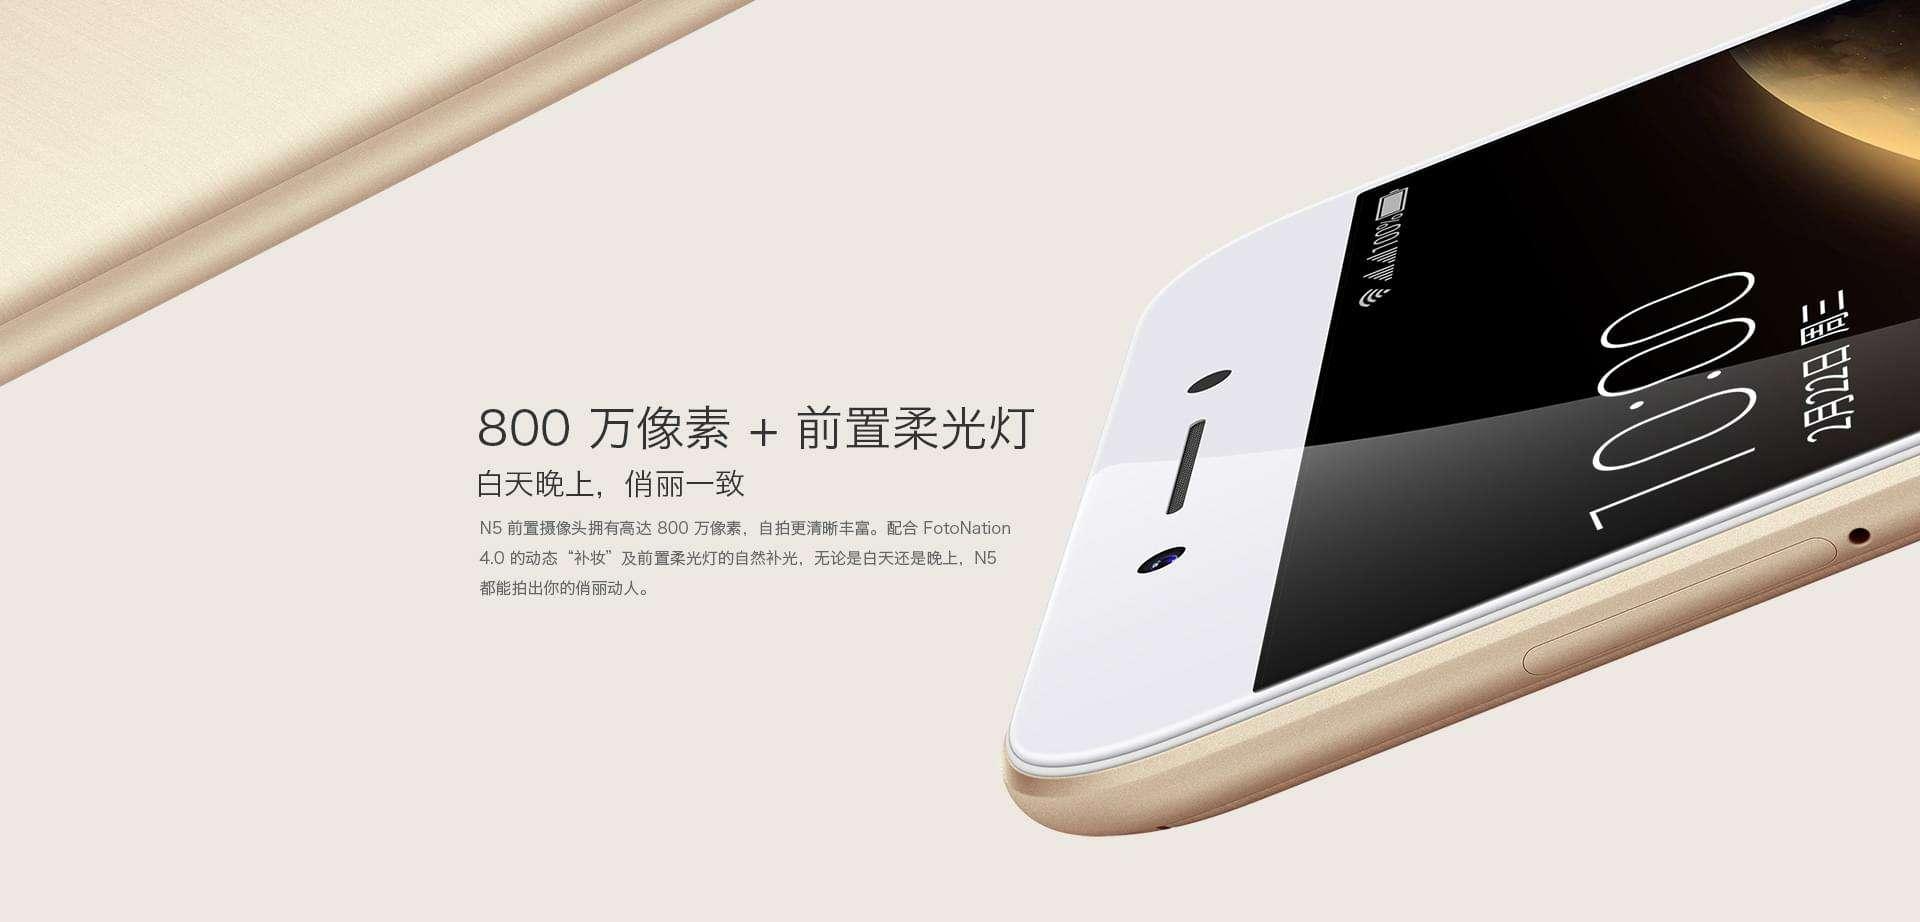 Qihoo 360 N5 KK 4